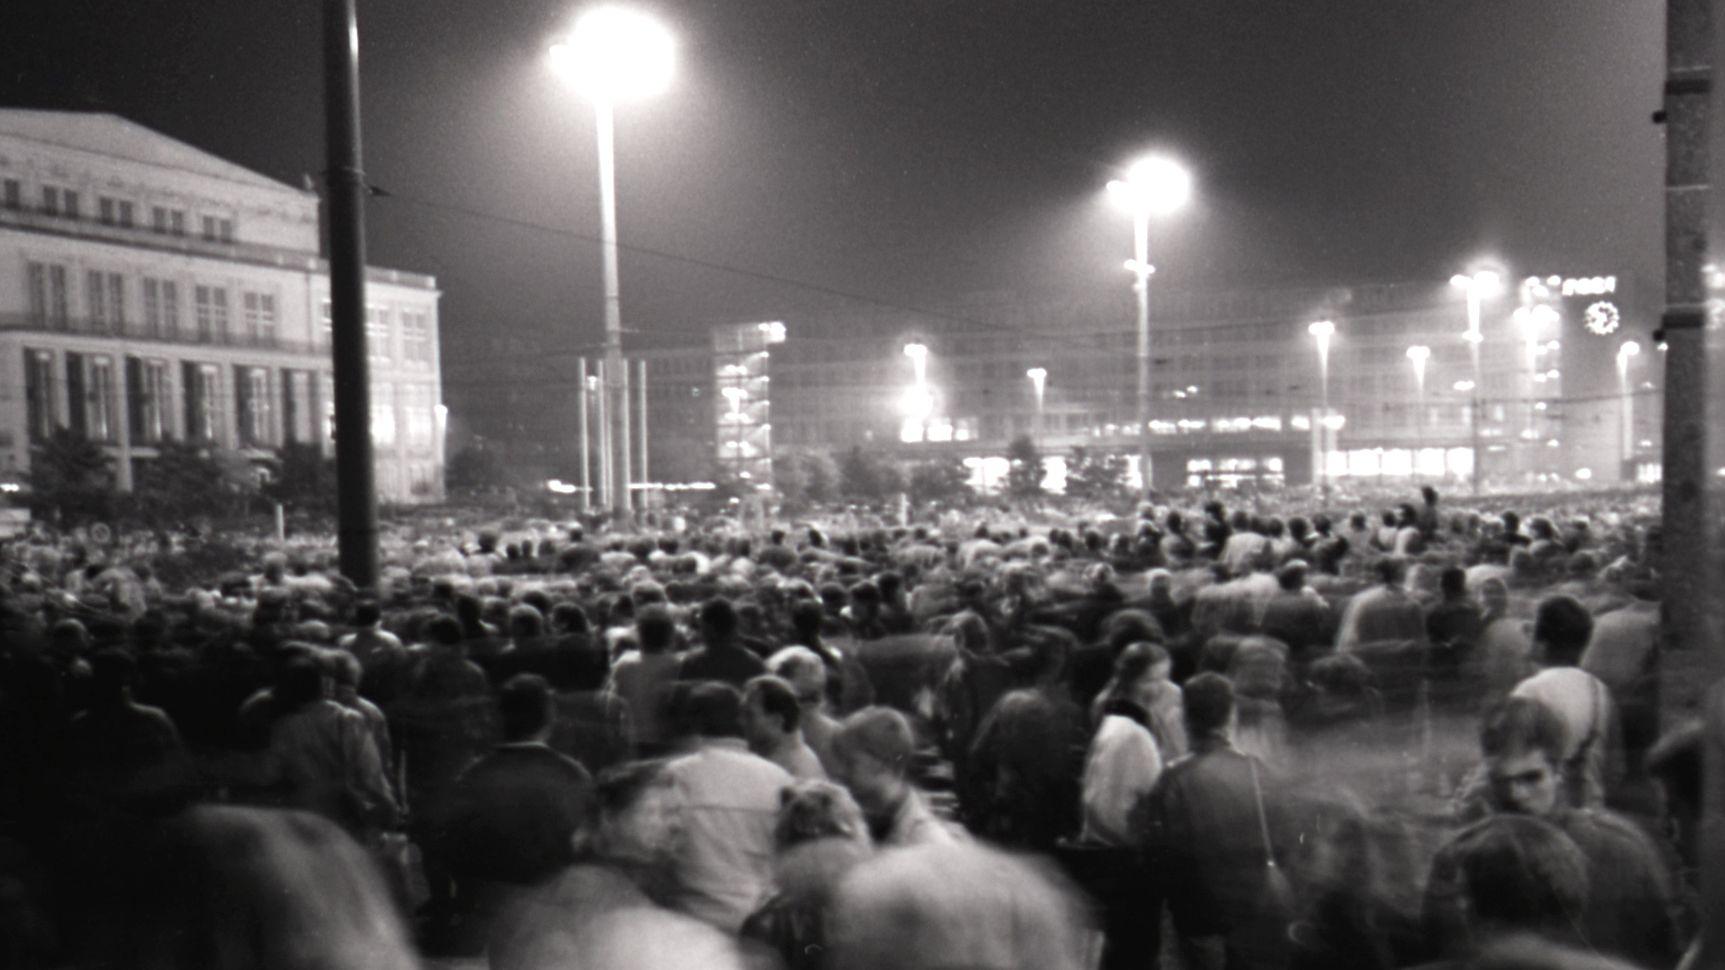 Am Montag, dem 9. Oktober 1989, findet nach dem Montagsgebet in der Nikolaikirche die historische, friedliche Montagsdemonstration mit über 70.000 Teilnehmern statt. Schweigend und ohne Transparente ging es vom Karl-Marx-Platz um den Leipziger Innenstadtring. Links die Oper, im Hintergrund die Hauptpost mit der Uhr, auf der es ca. 18.50 Uhr ist.